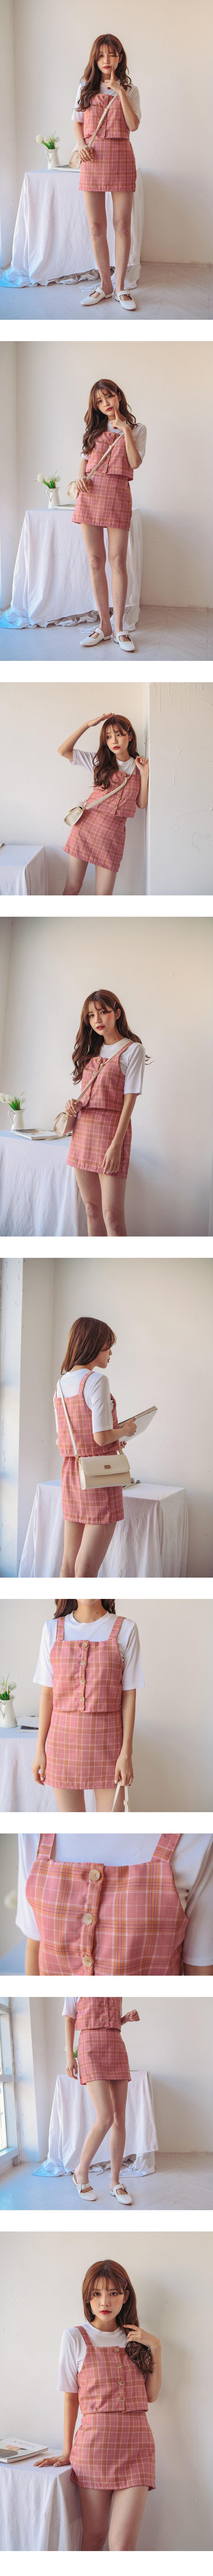 Aizu Check Bustier T-shirt